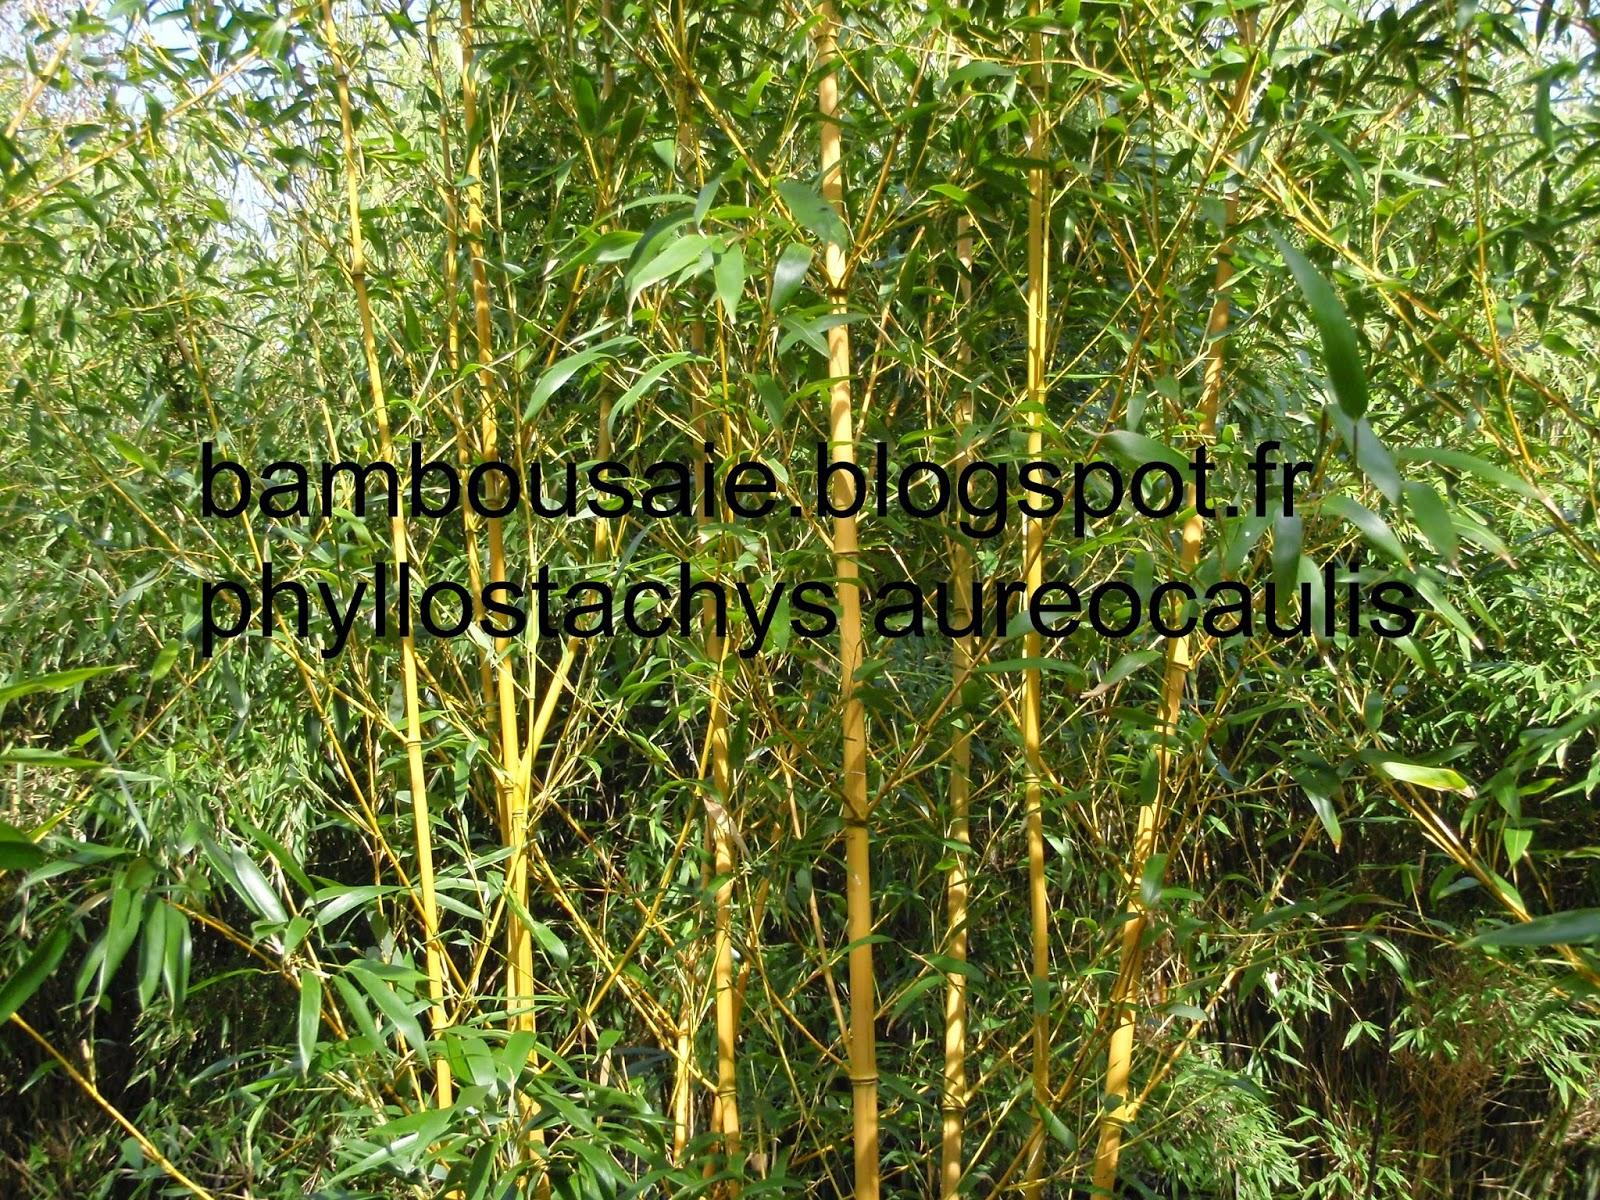 la bambouseraie vente de bambou en motte. Black Bedroom Furniture Sets. Home Design Ideas